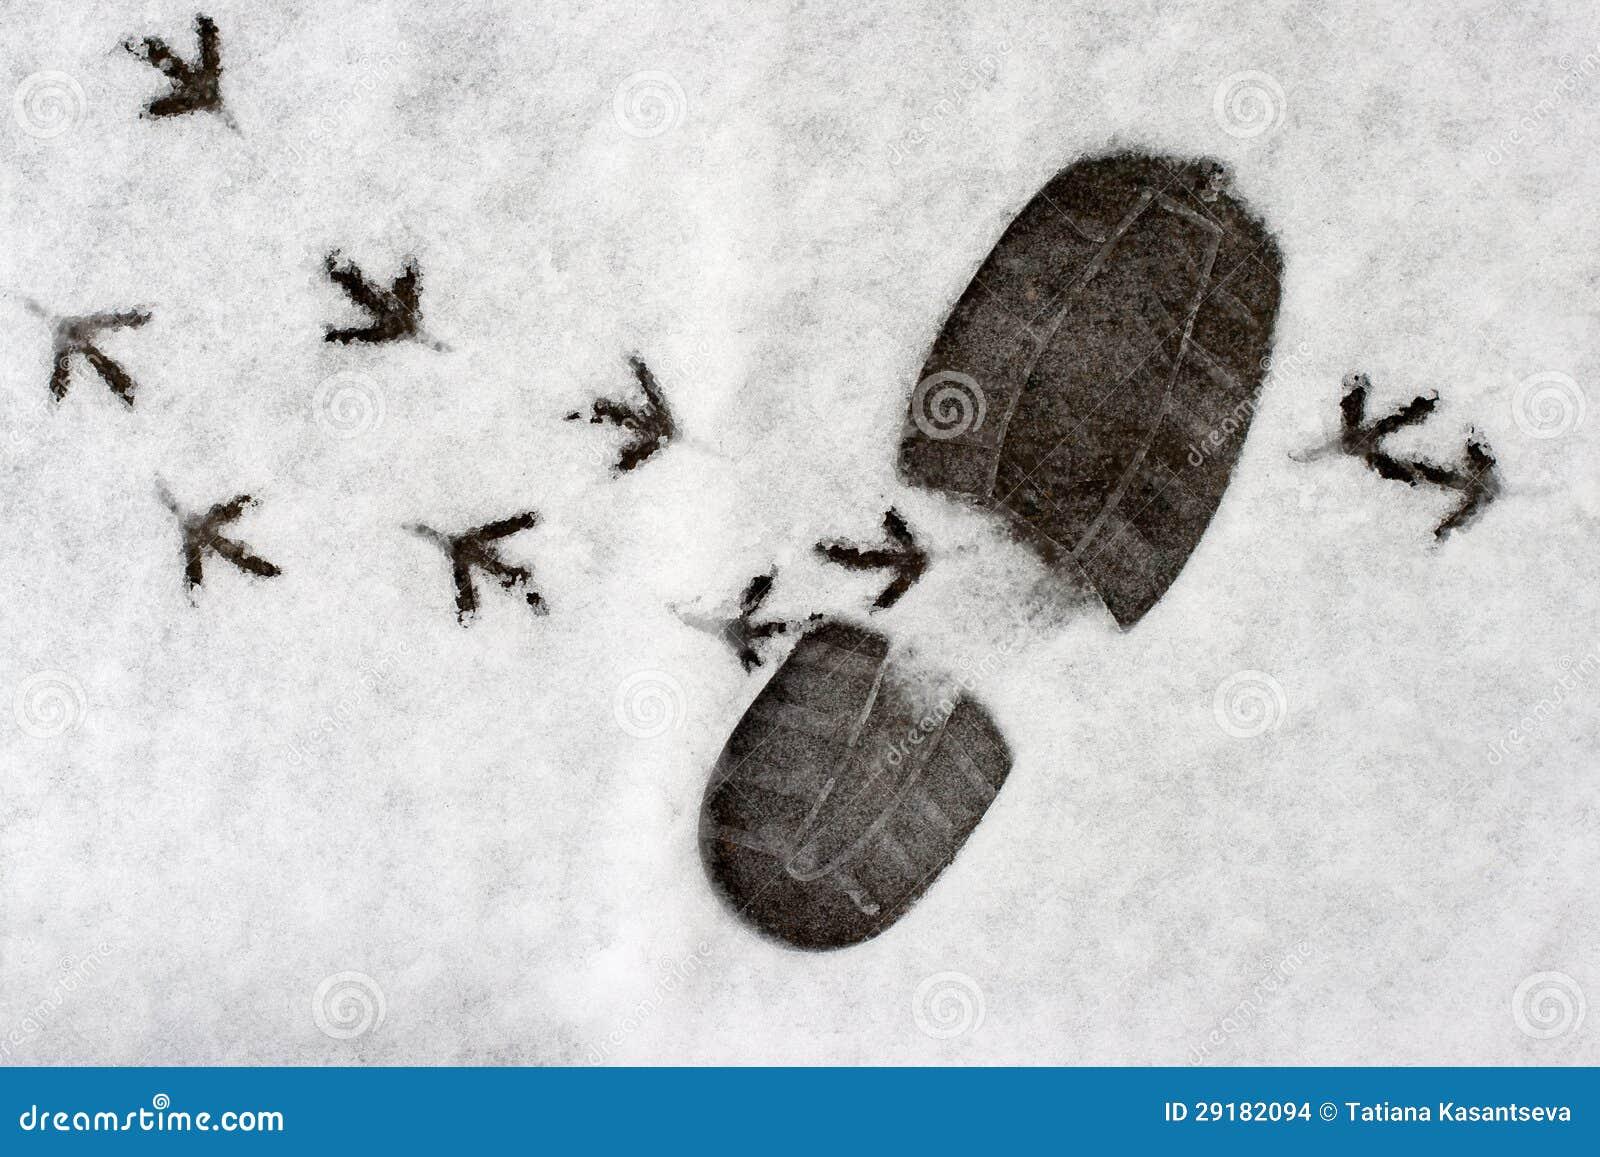 crottes de chamois pictures - photo #23